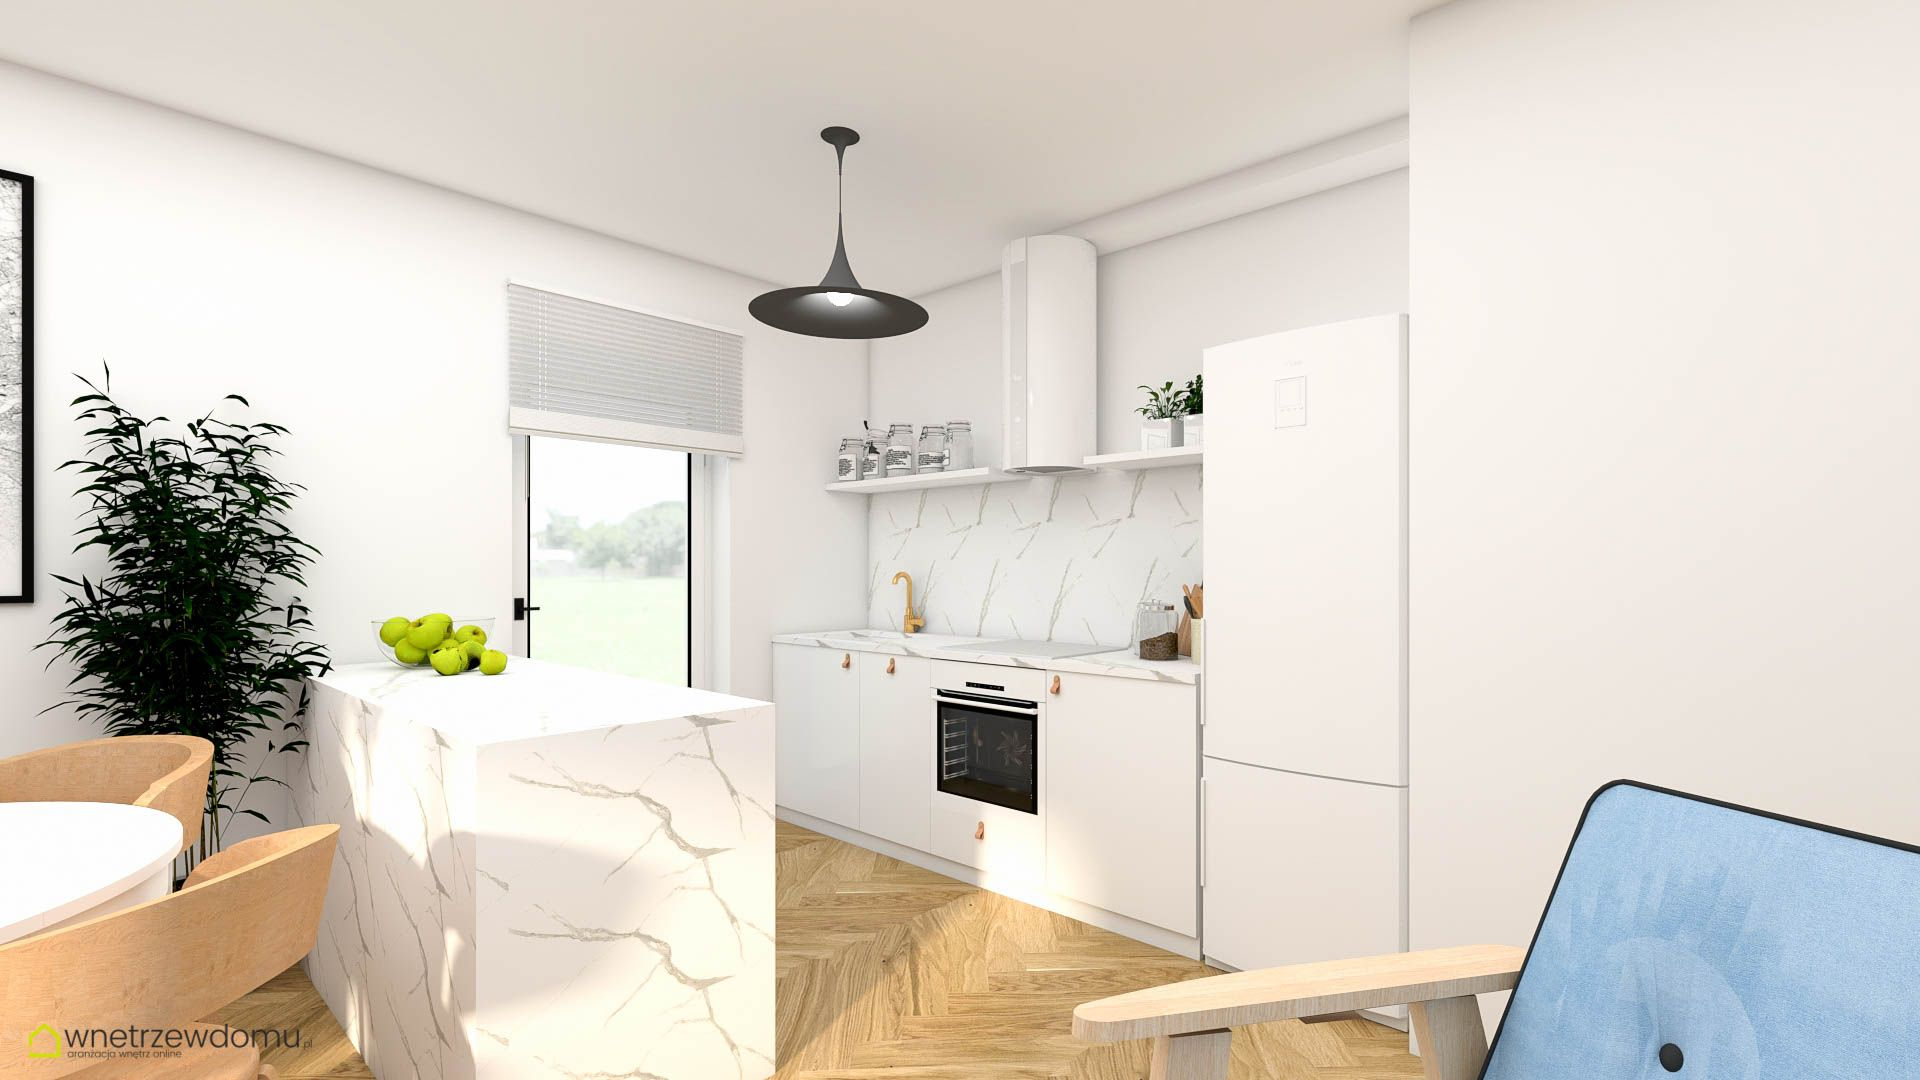 Kuchnia W Salonie Retro Home Decor Decor Kitchen